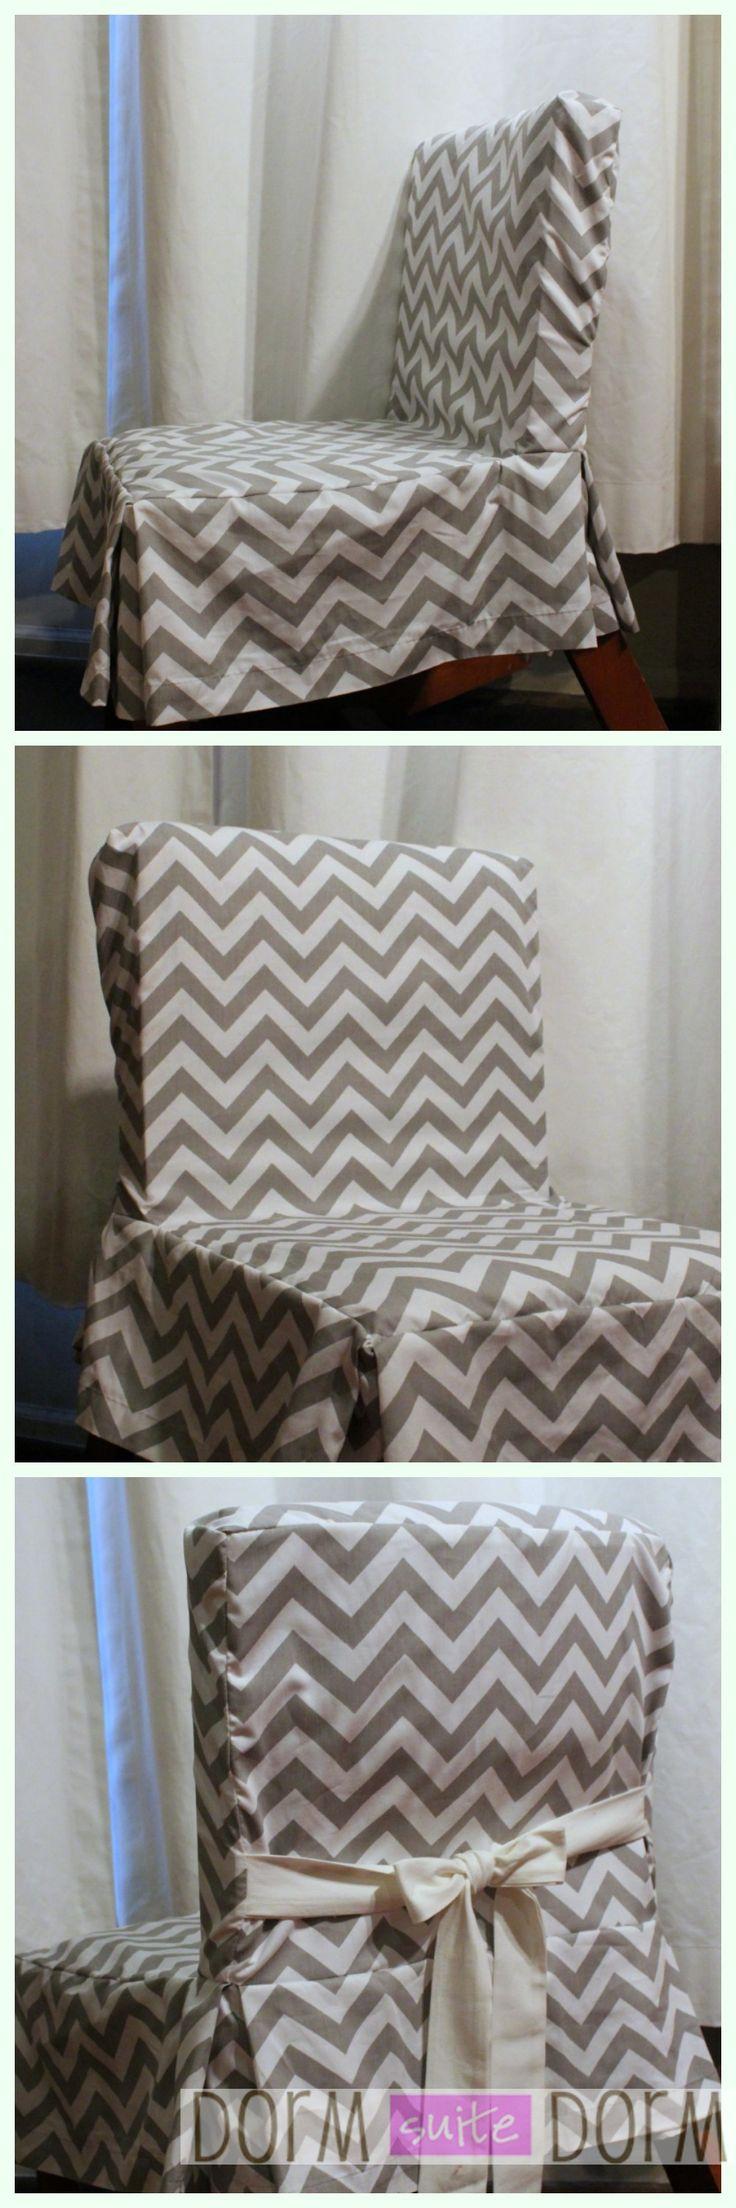 ~~REPIN~~ Cute Dorm Room Chair Cover #dorm #dormbedding Part 68